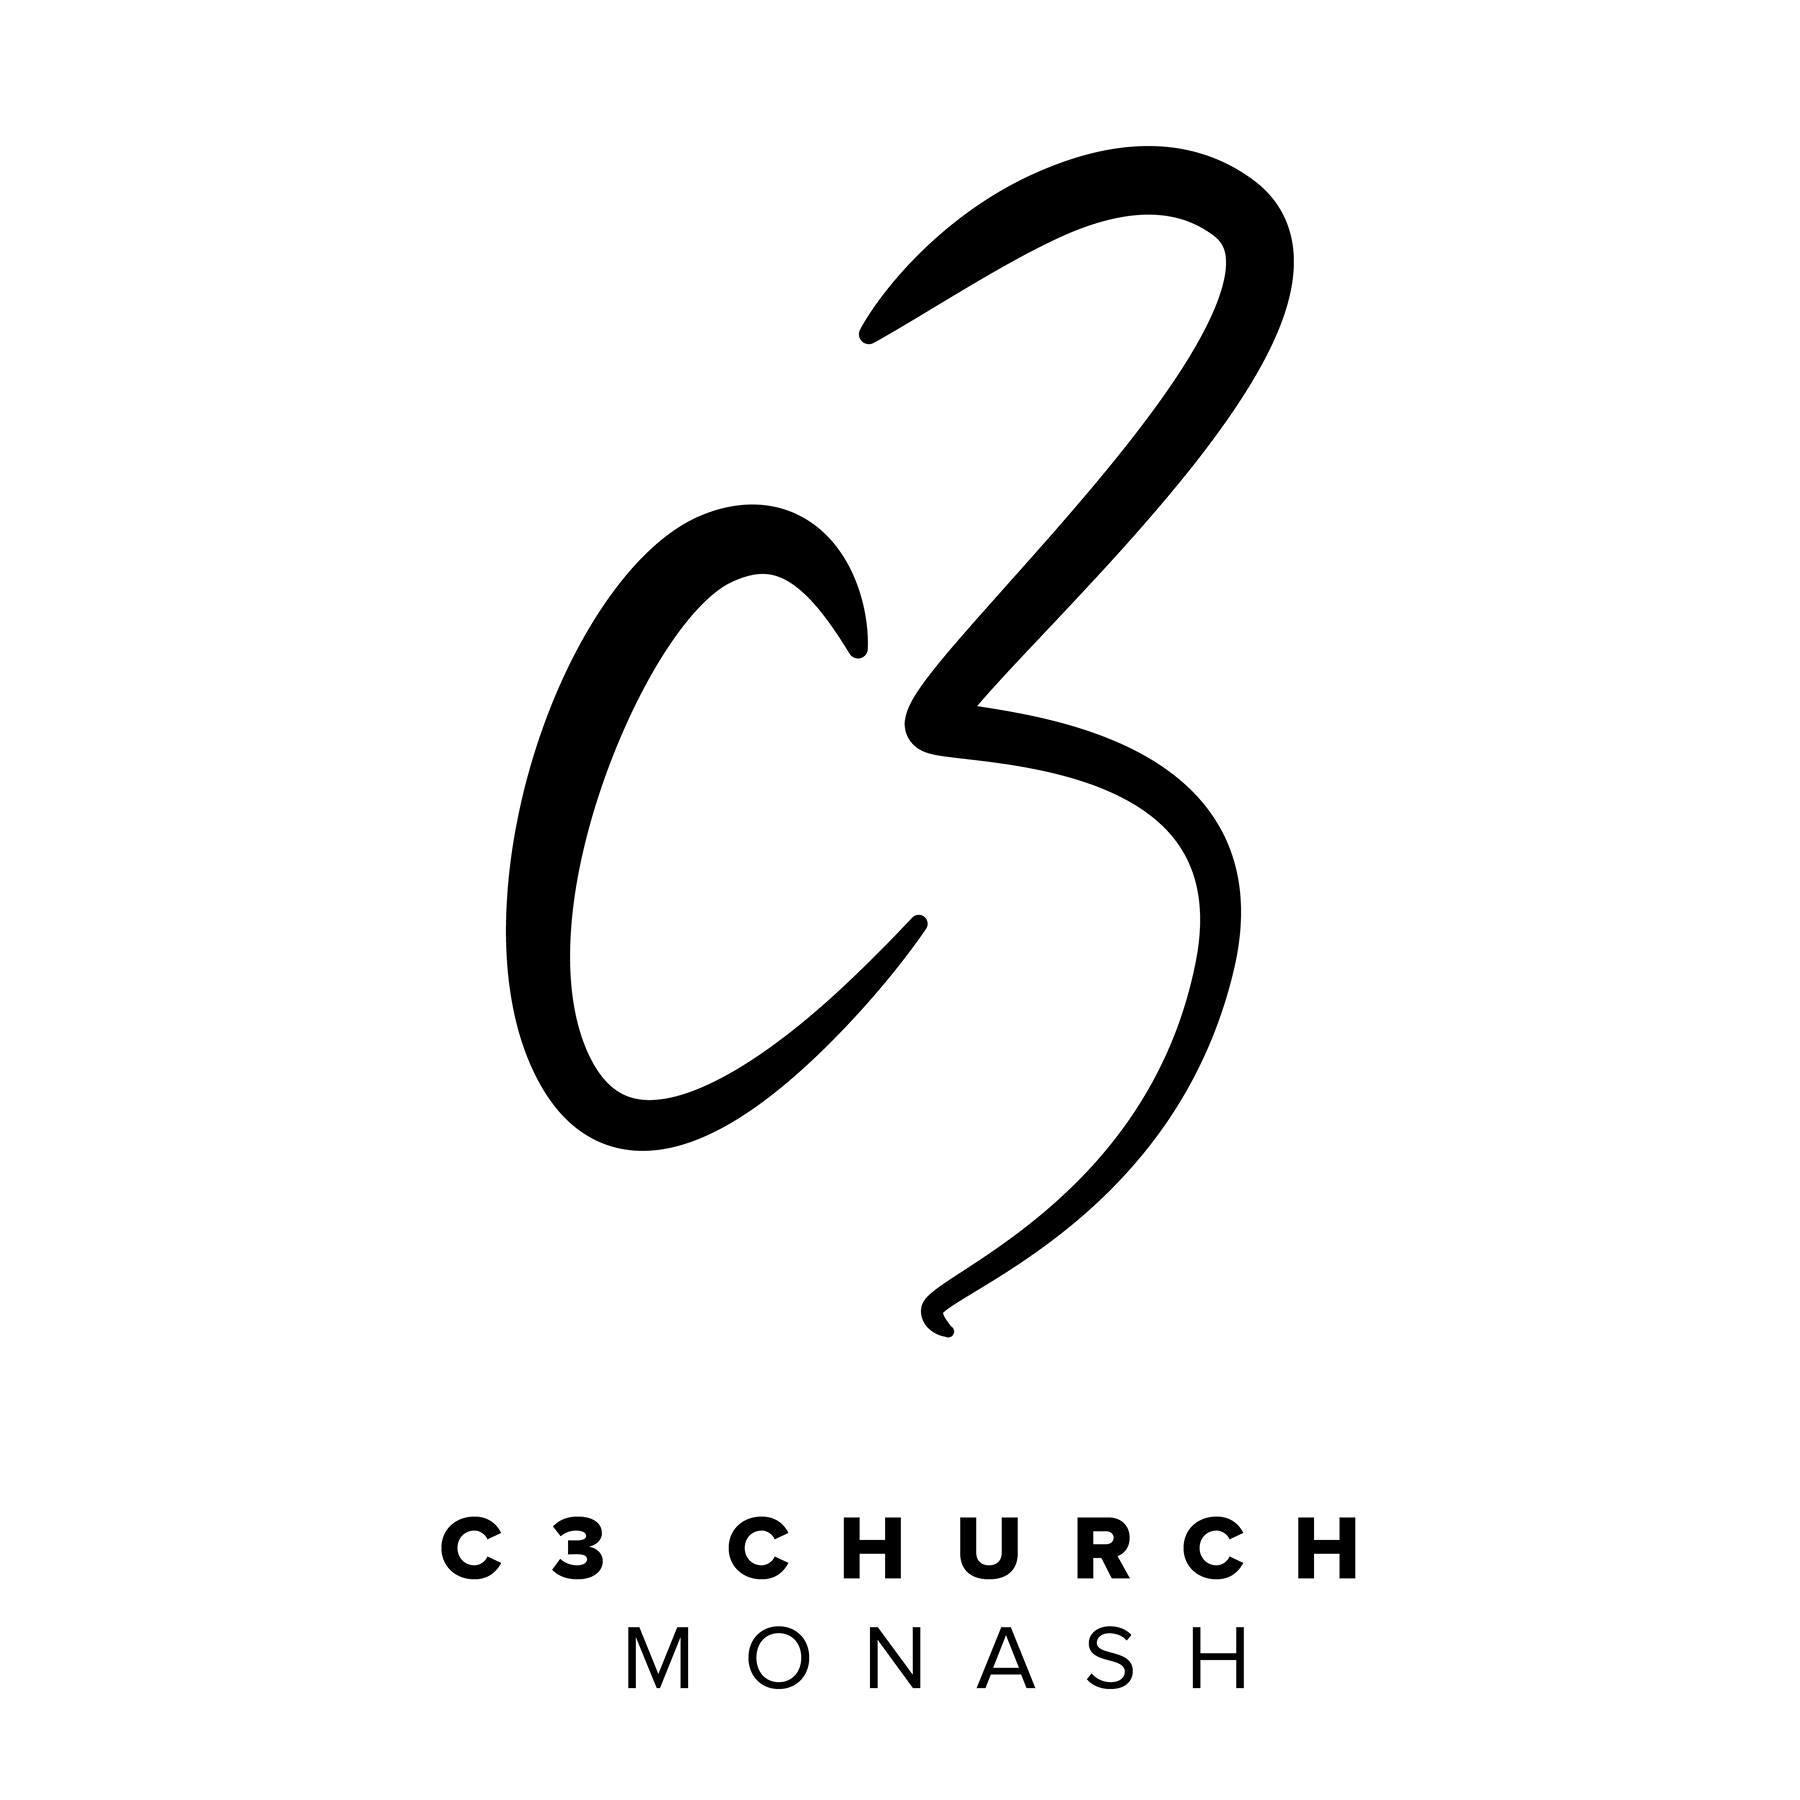 C3 Monash